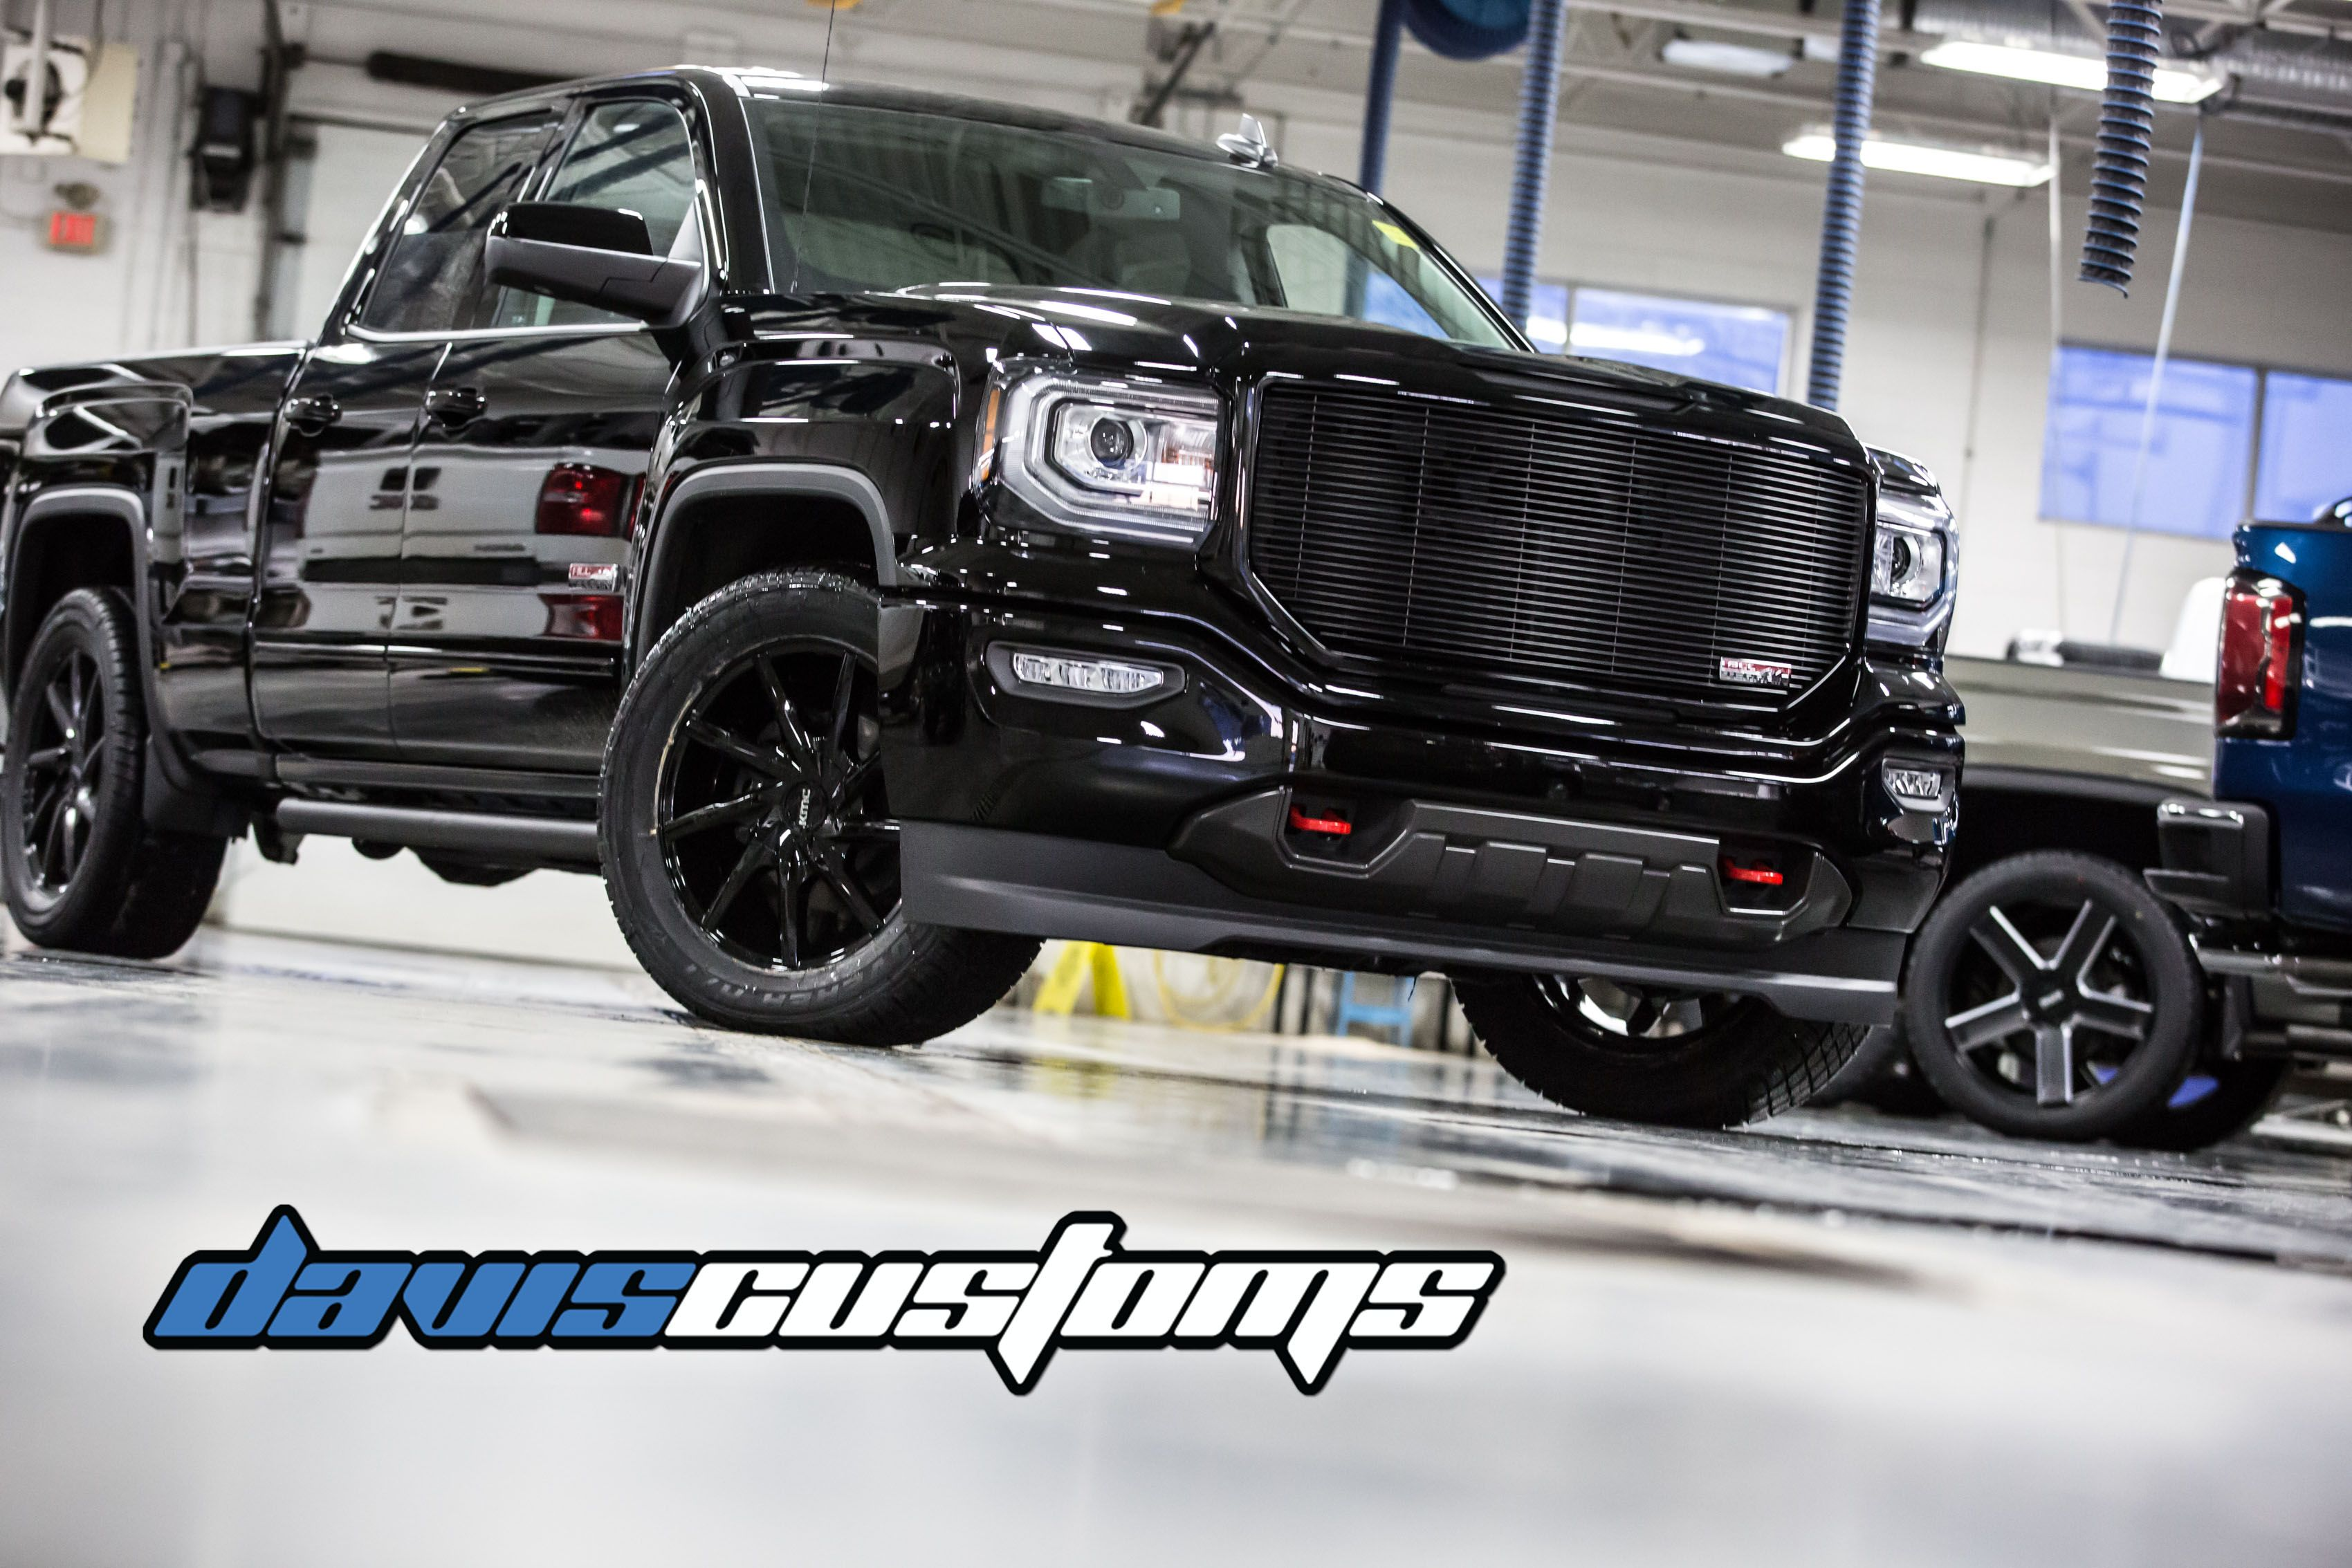 Davis Customs Truck 2018 Gmc Sierra Lowered Truck Buick Gmc